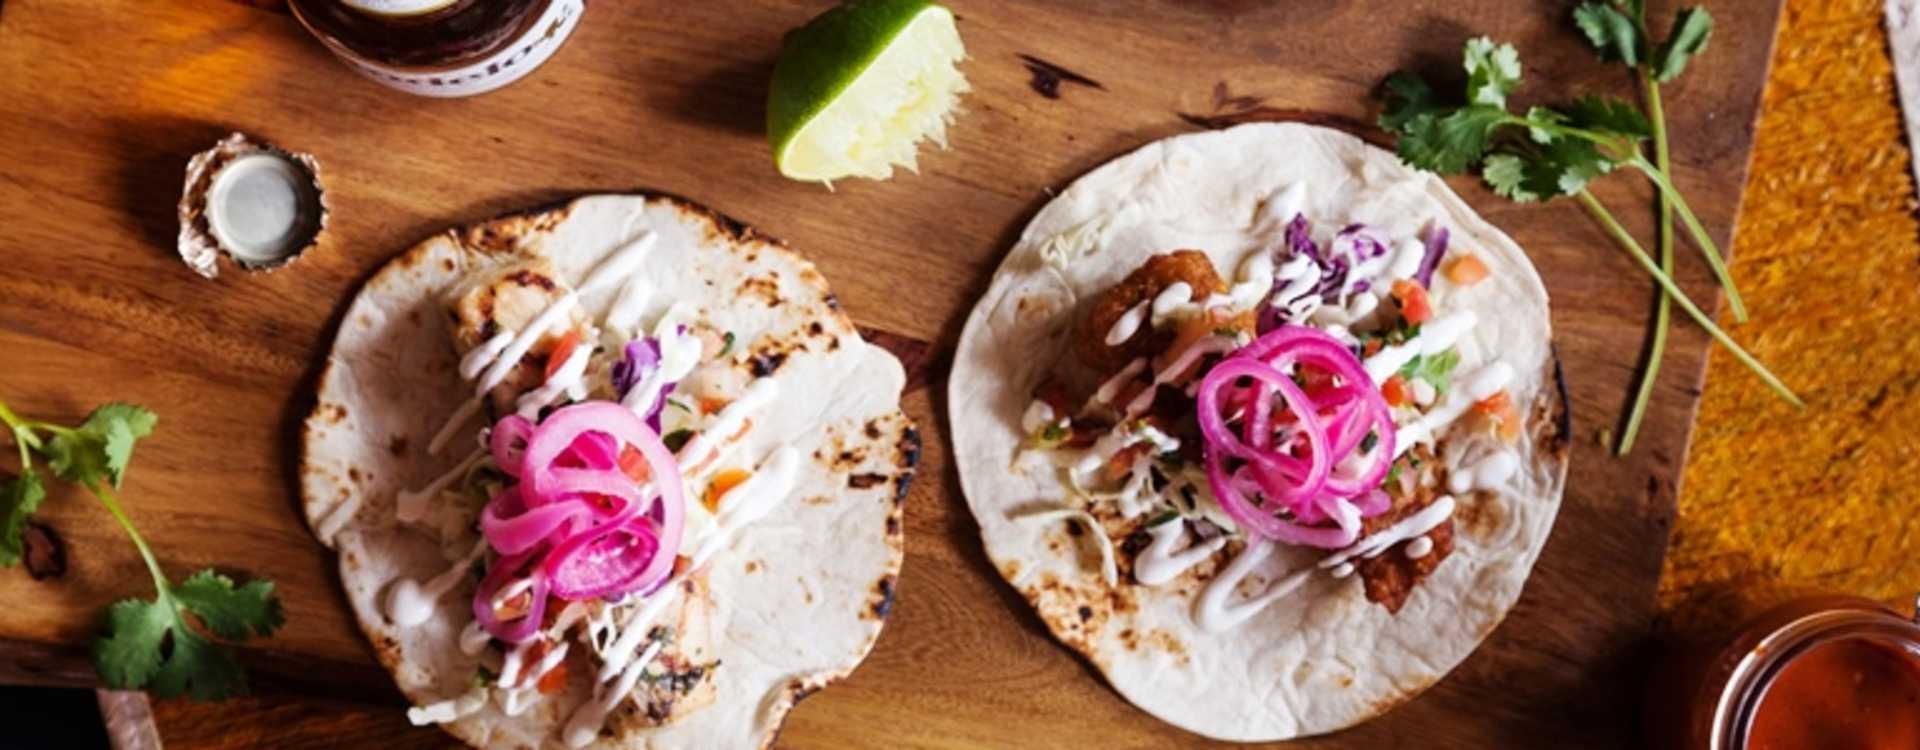 Moctezuma_s_Mexican_Restaurant___Tequila_Bar-3.jpg